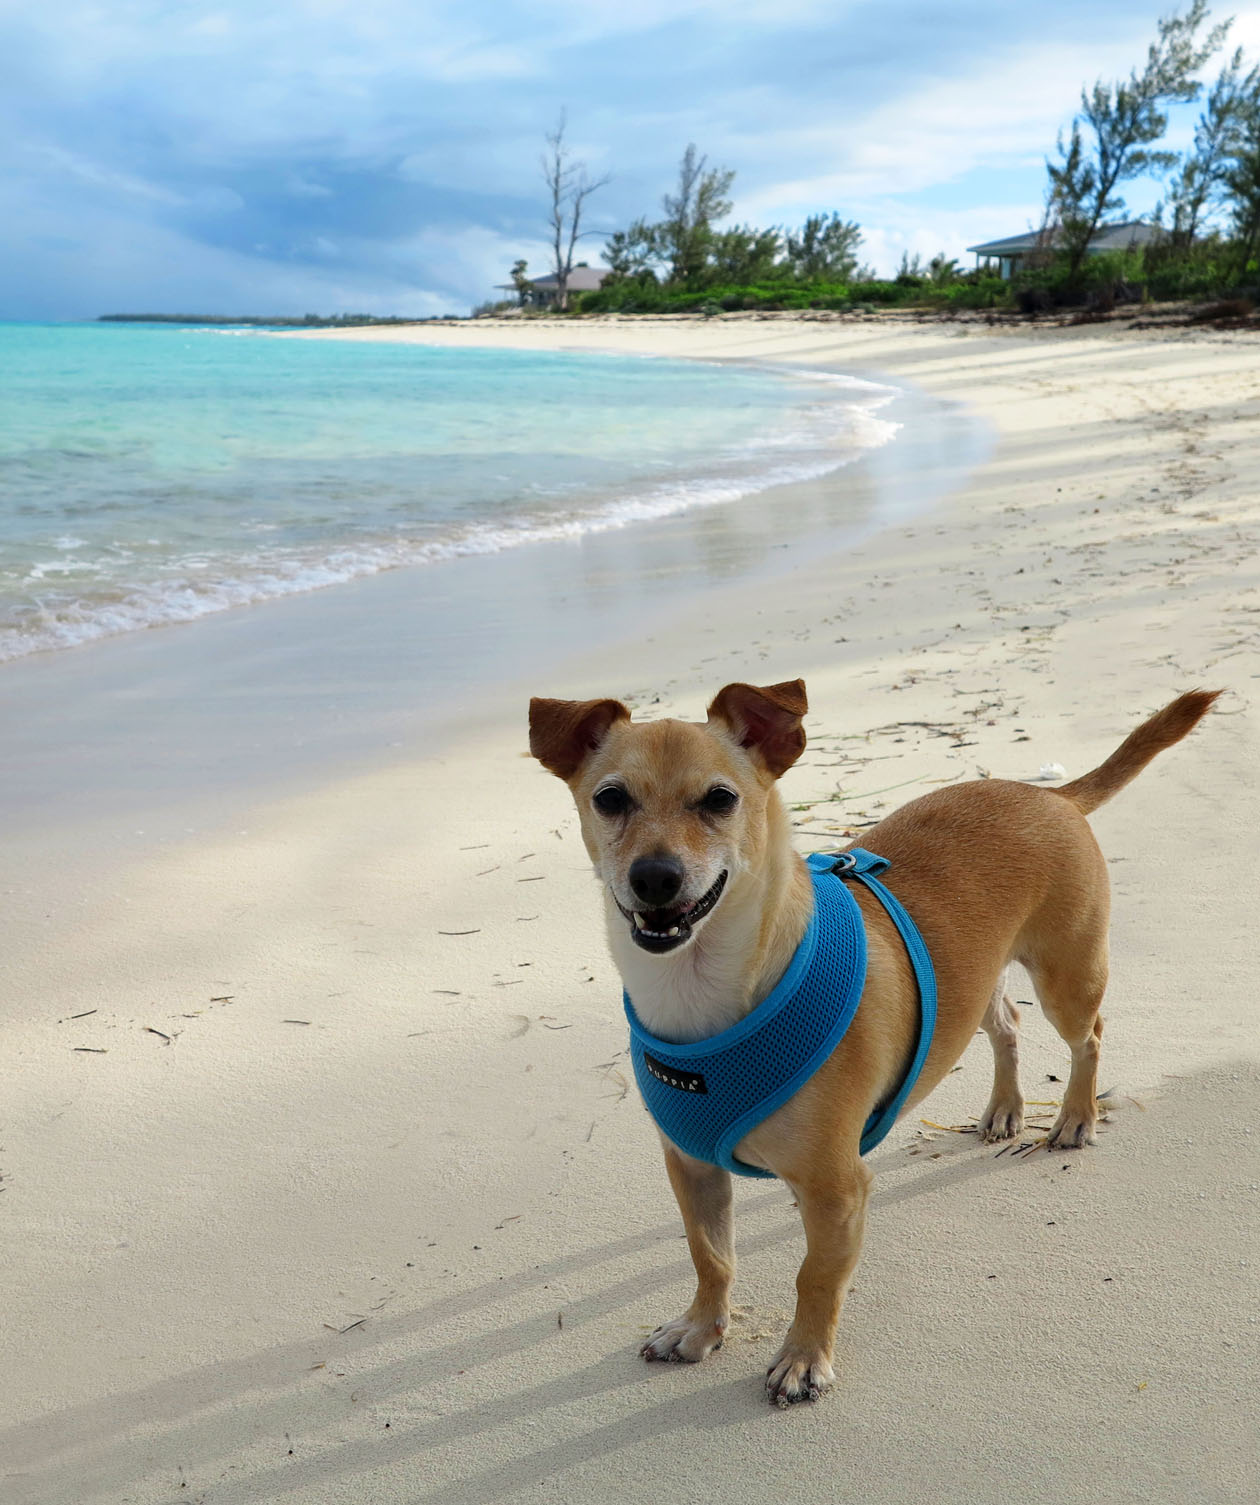 bahamas, abaco, green turtle cay, pet travel, bita bay